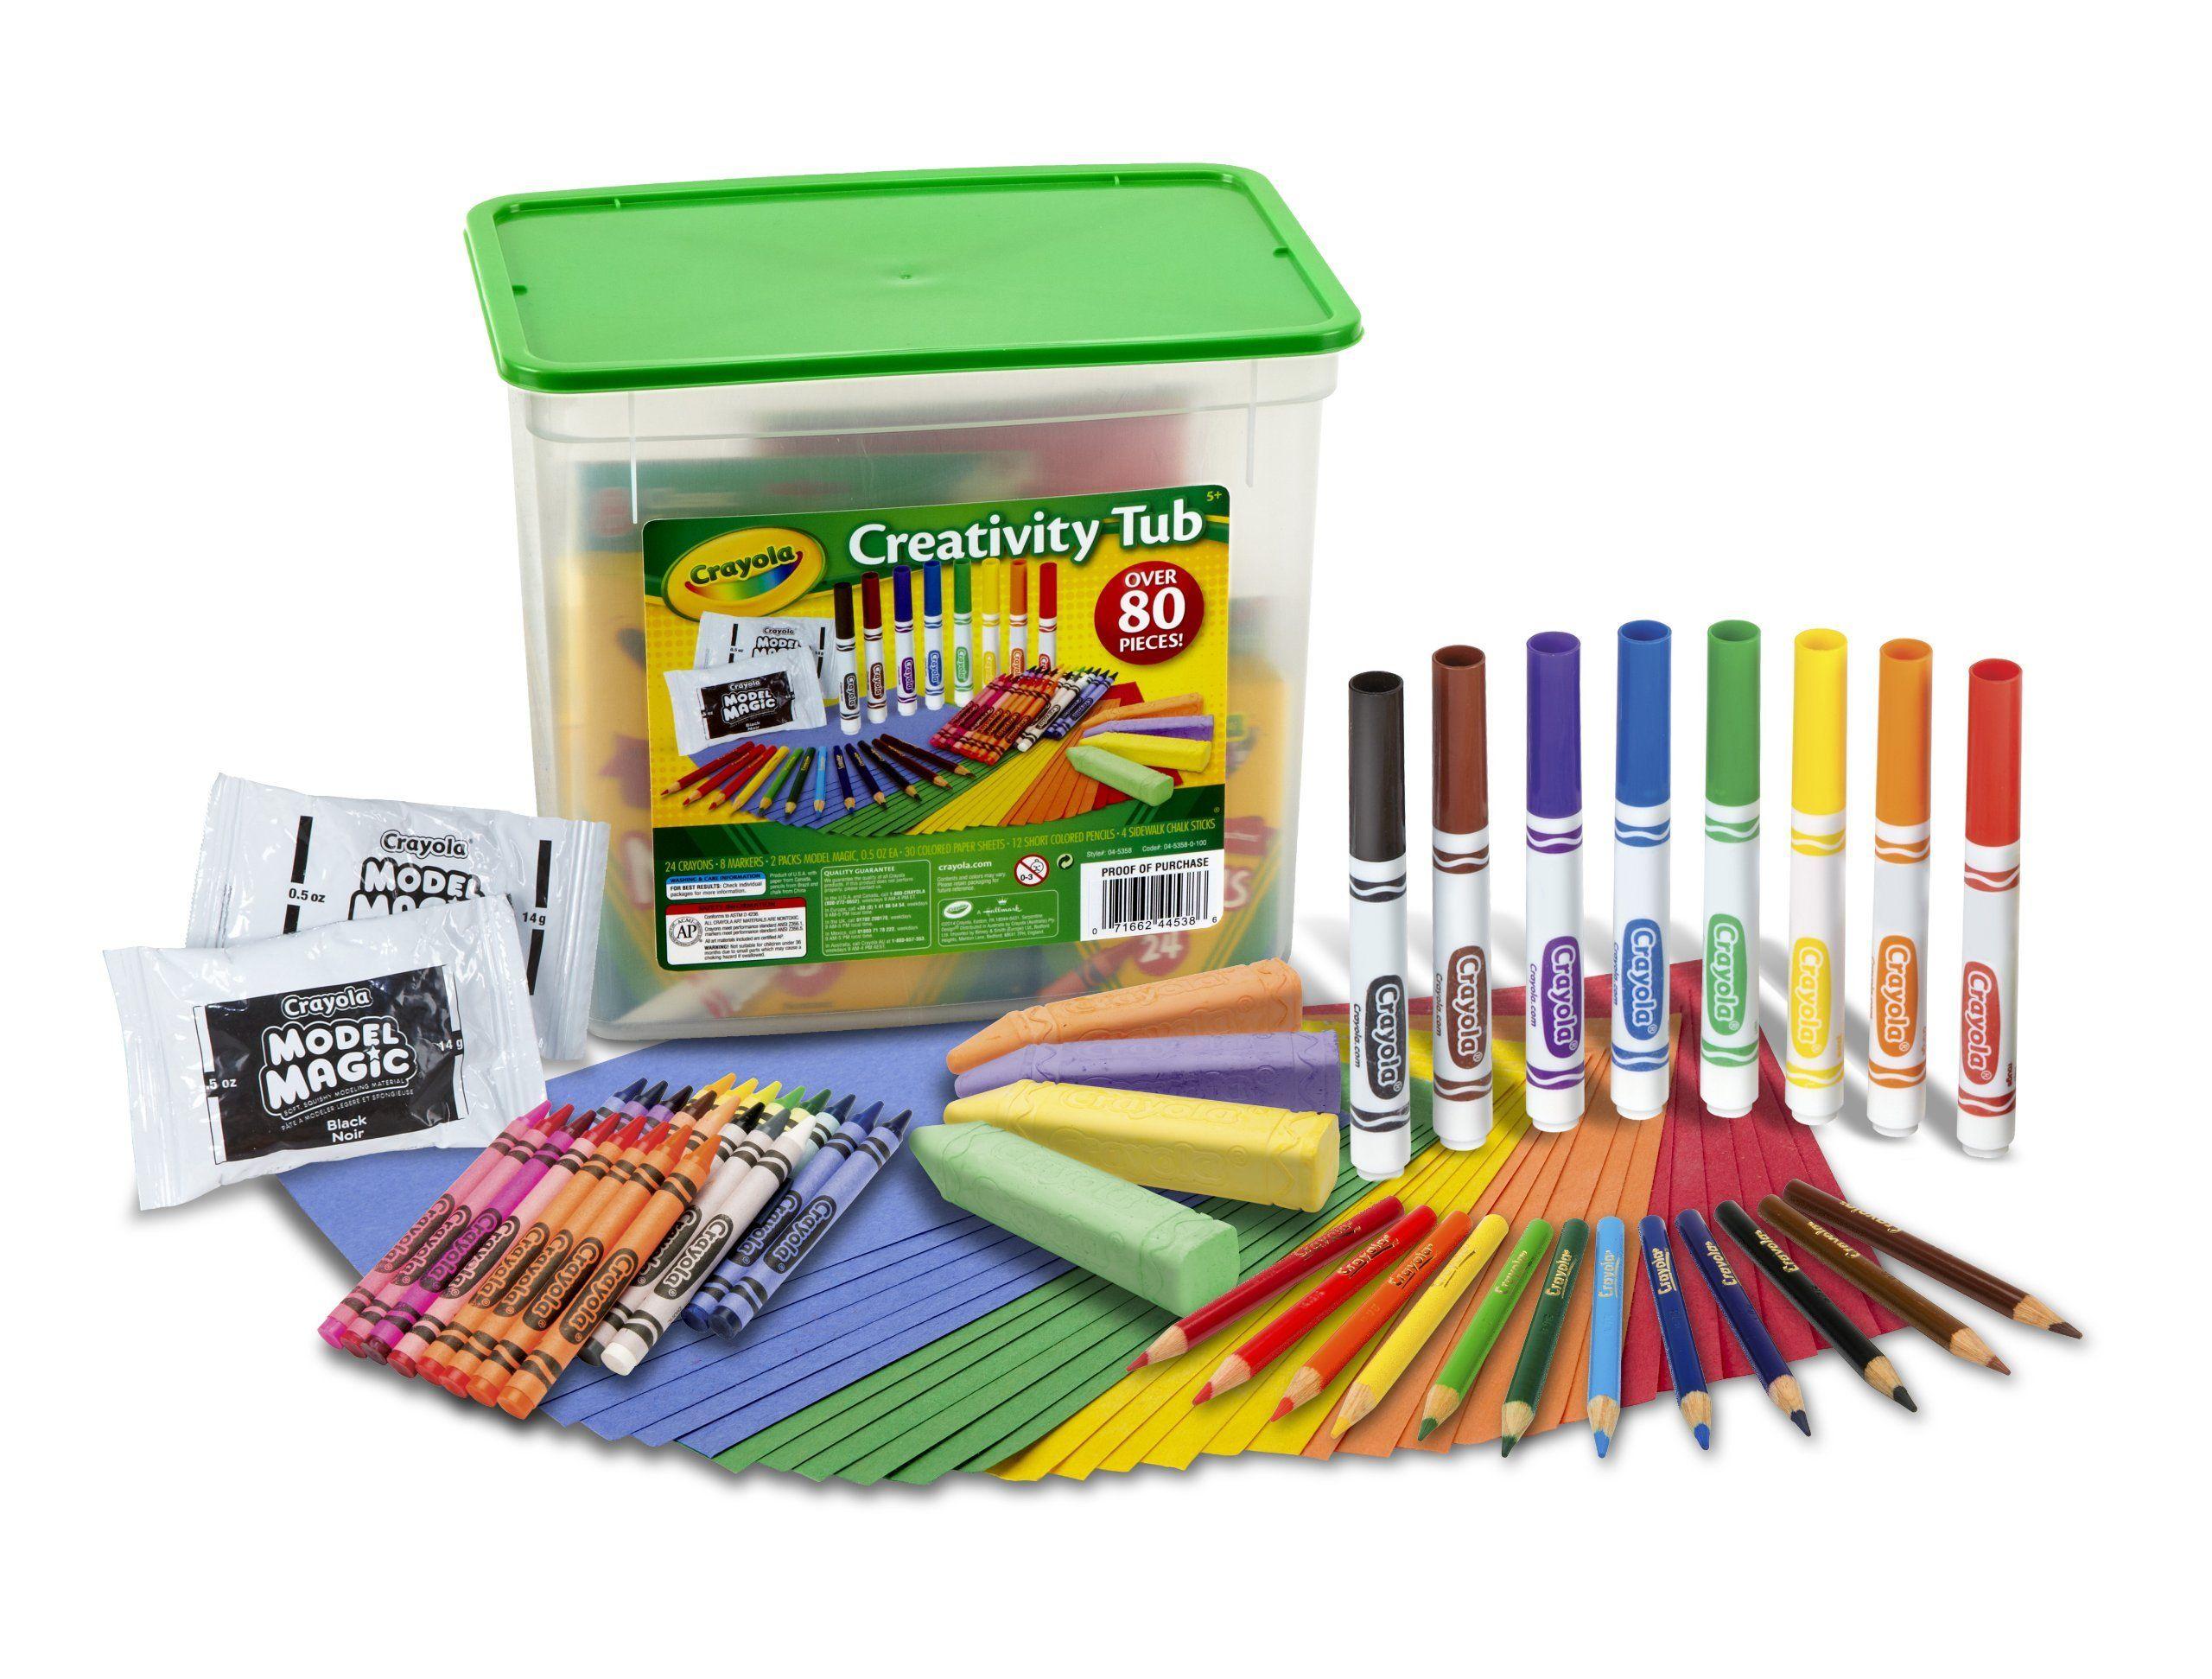 crayola 96 crayons crayola canada 52 0096 christmas ornament